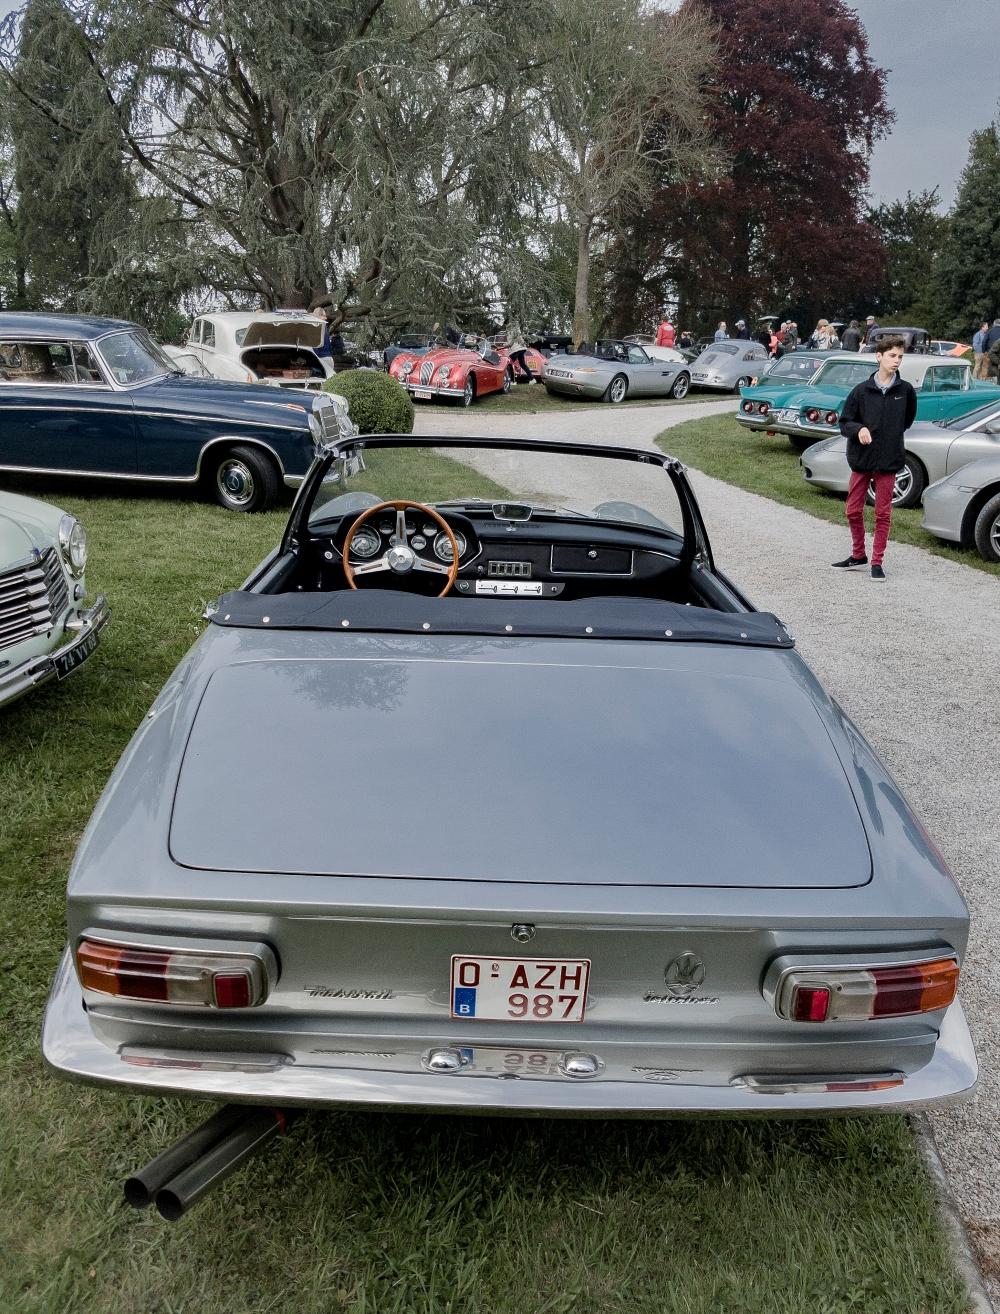 Maserati Mistral Spyder - Belles autos, bons amis et bonne musique le 1er mai à Cassel